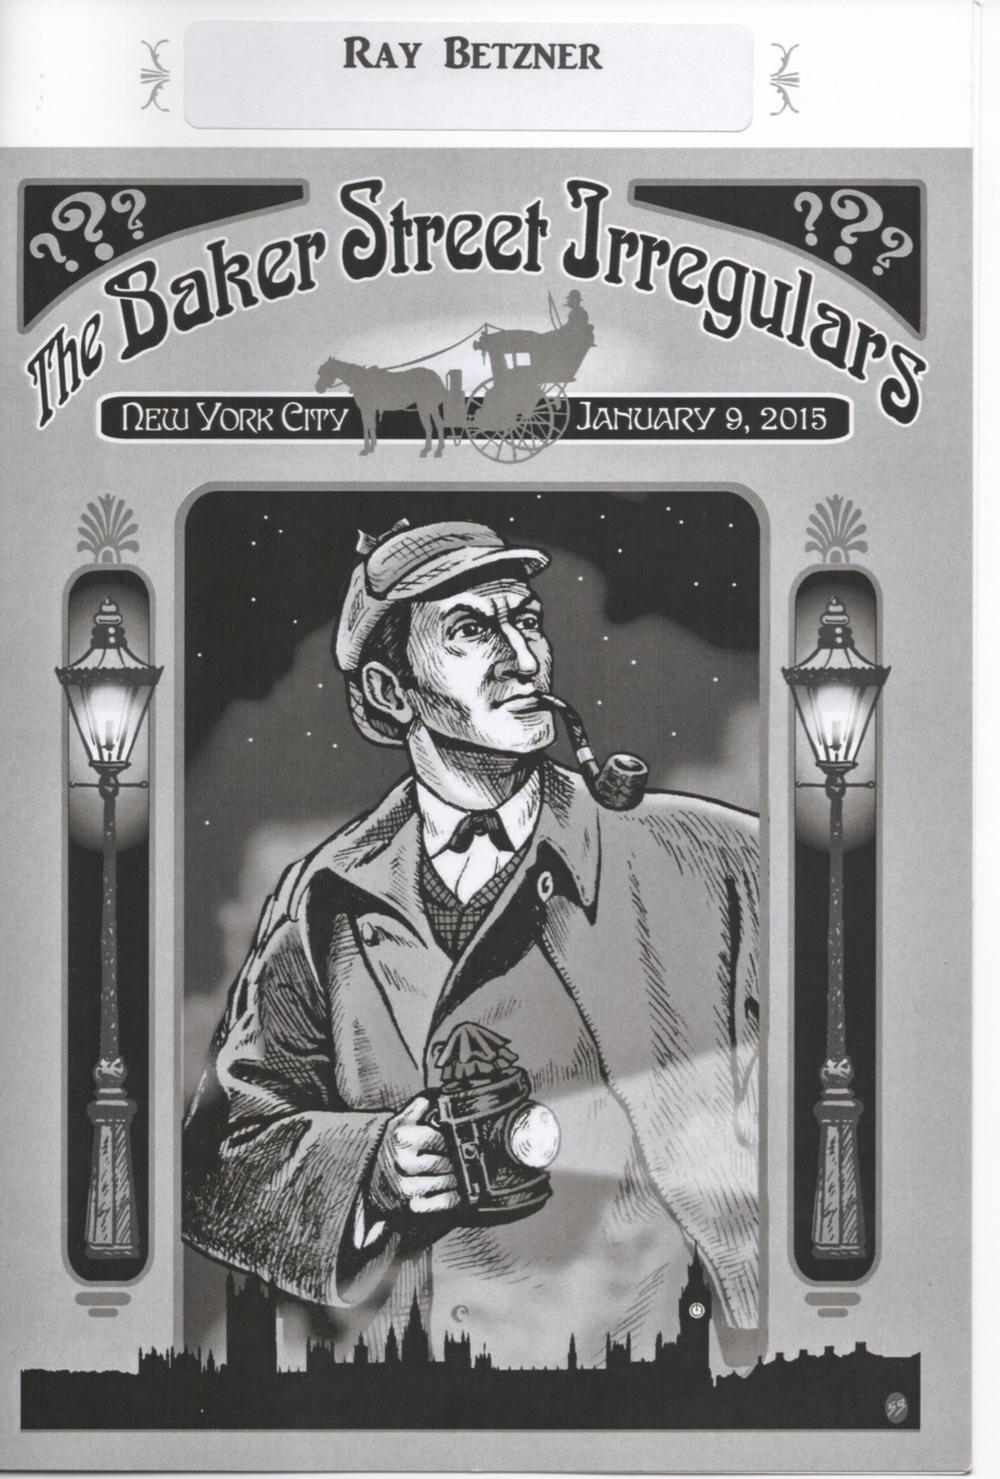 Scott Bond's handsome cover artwork graces this year's dinner program.